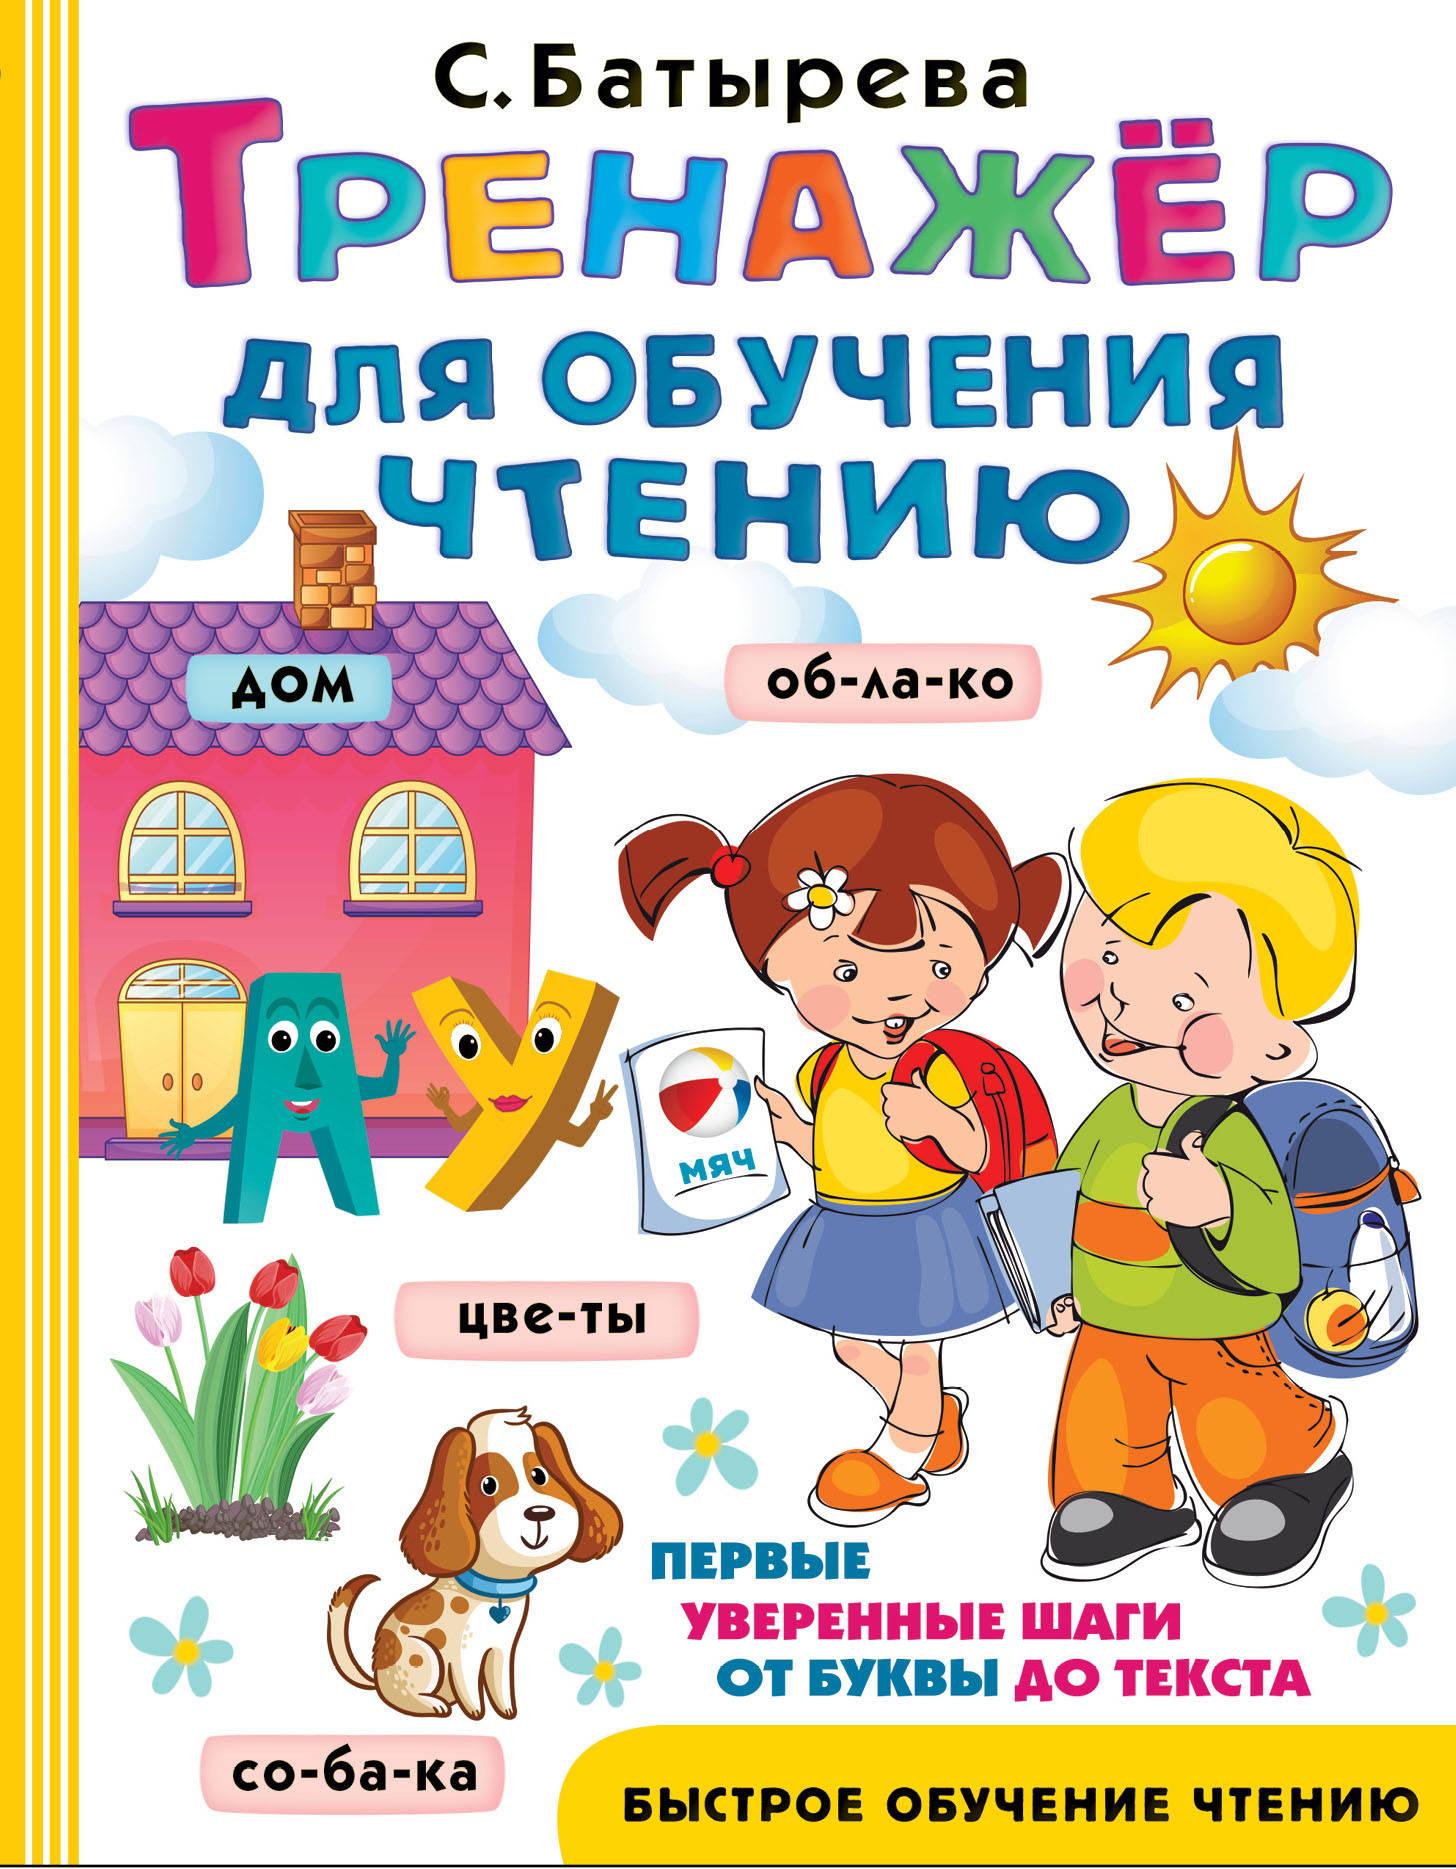 Батырева Светлана Георгиевна. Тренажер для обучения чтению